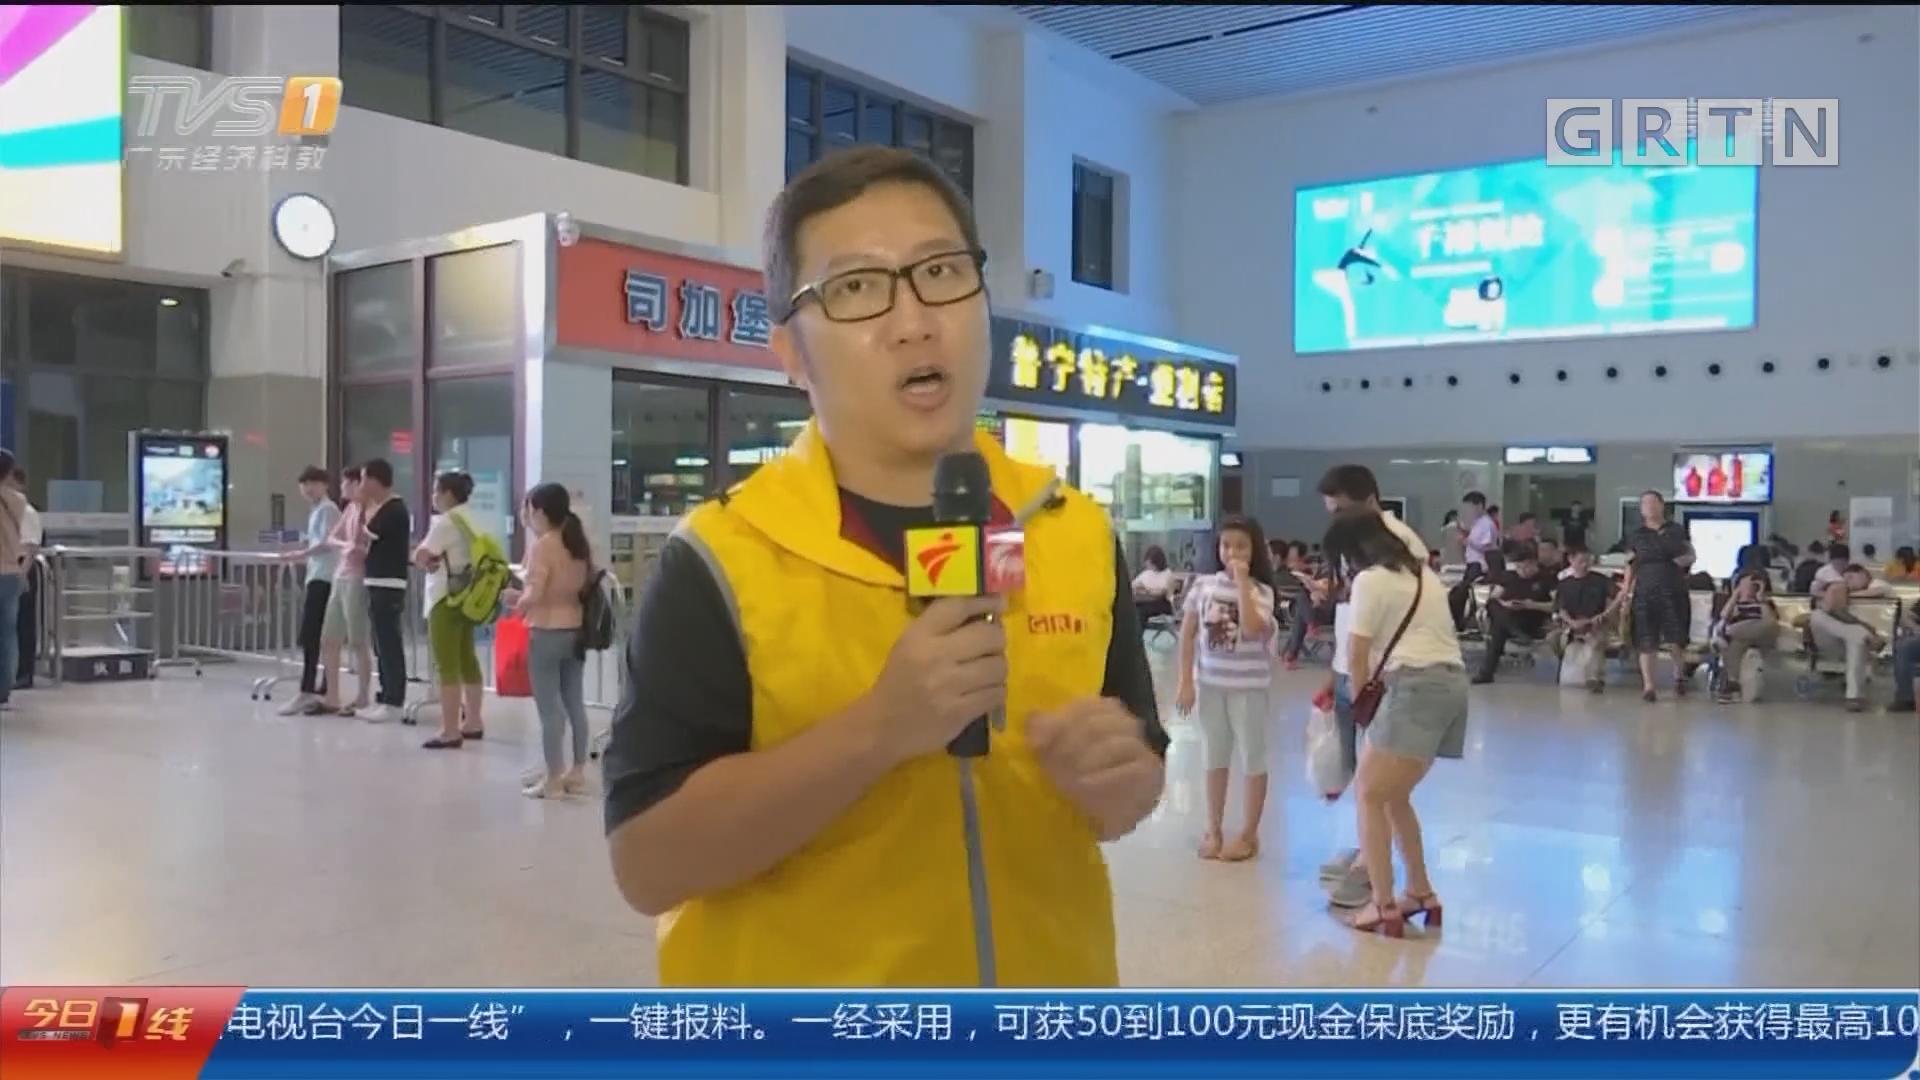 今夜最新:普宁高铁站 今夜迎来到达小高峰 抵达客流过万人